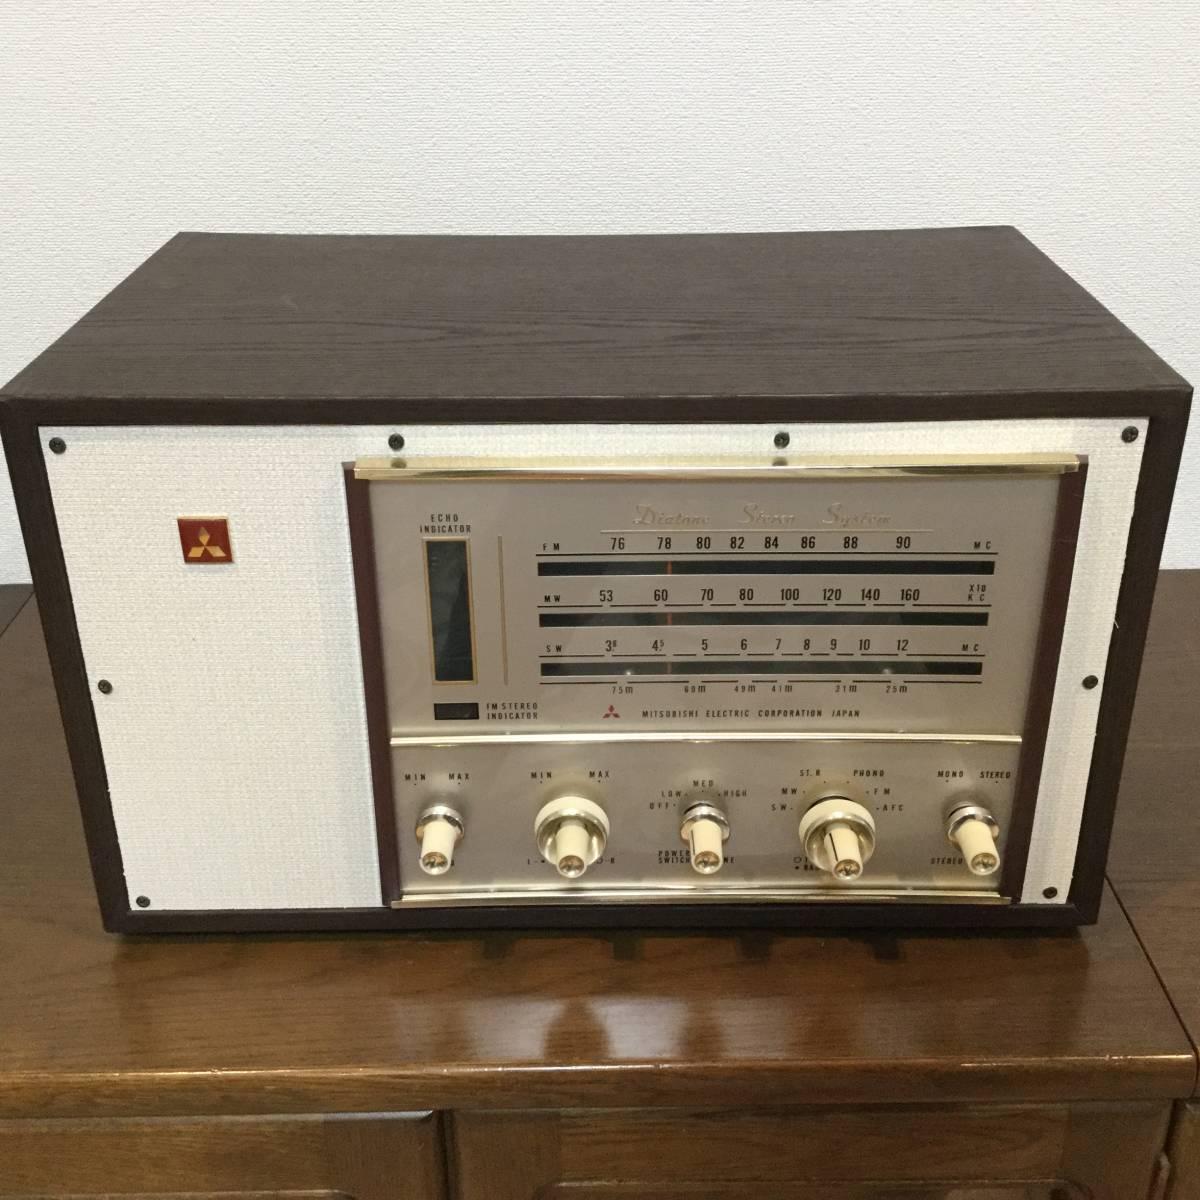 三菱 AM/SW/FM真空管ステレオラジオアンプ 整備済みジャンク